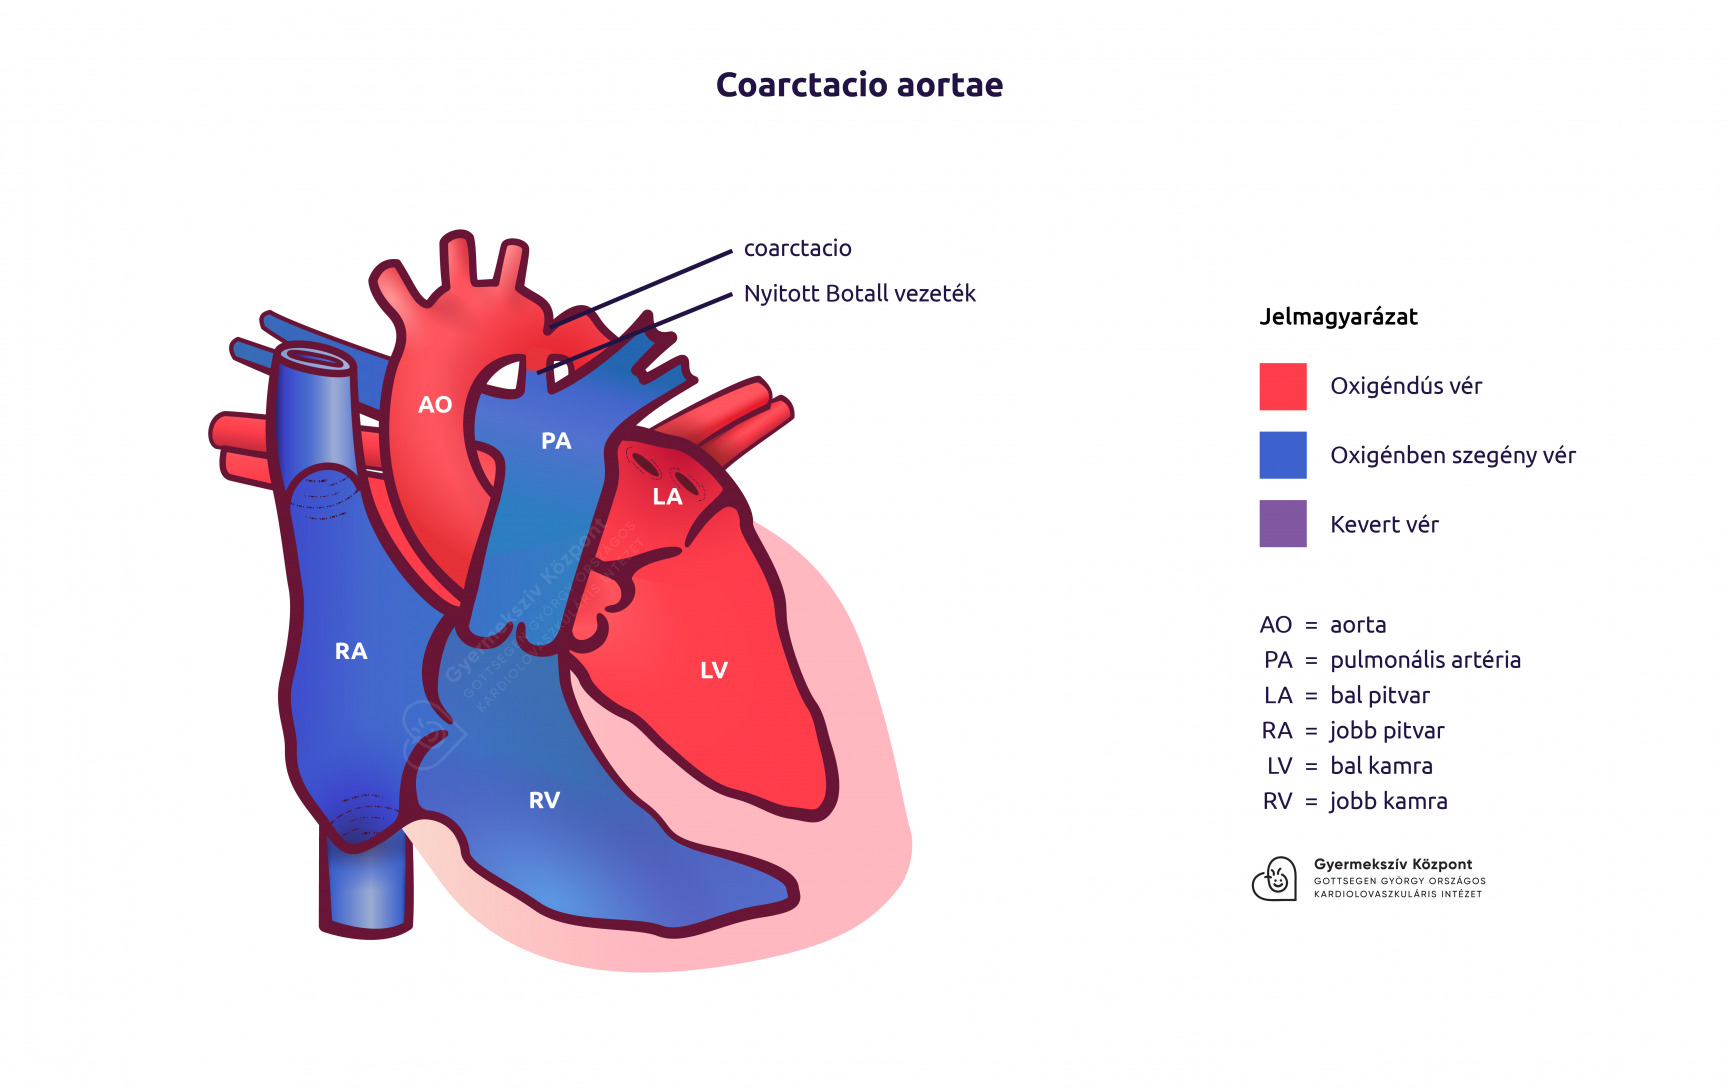 magas vérnyomás szívhibákkal)